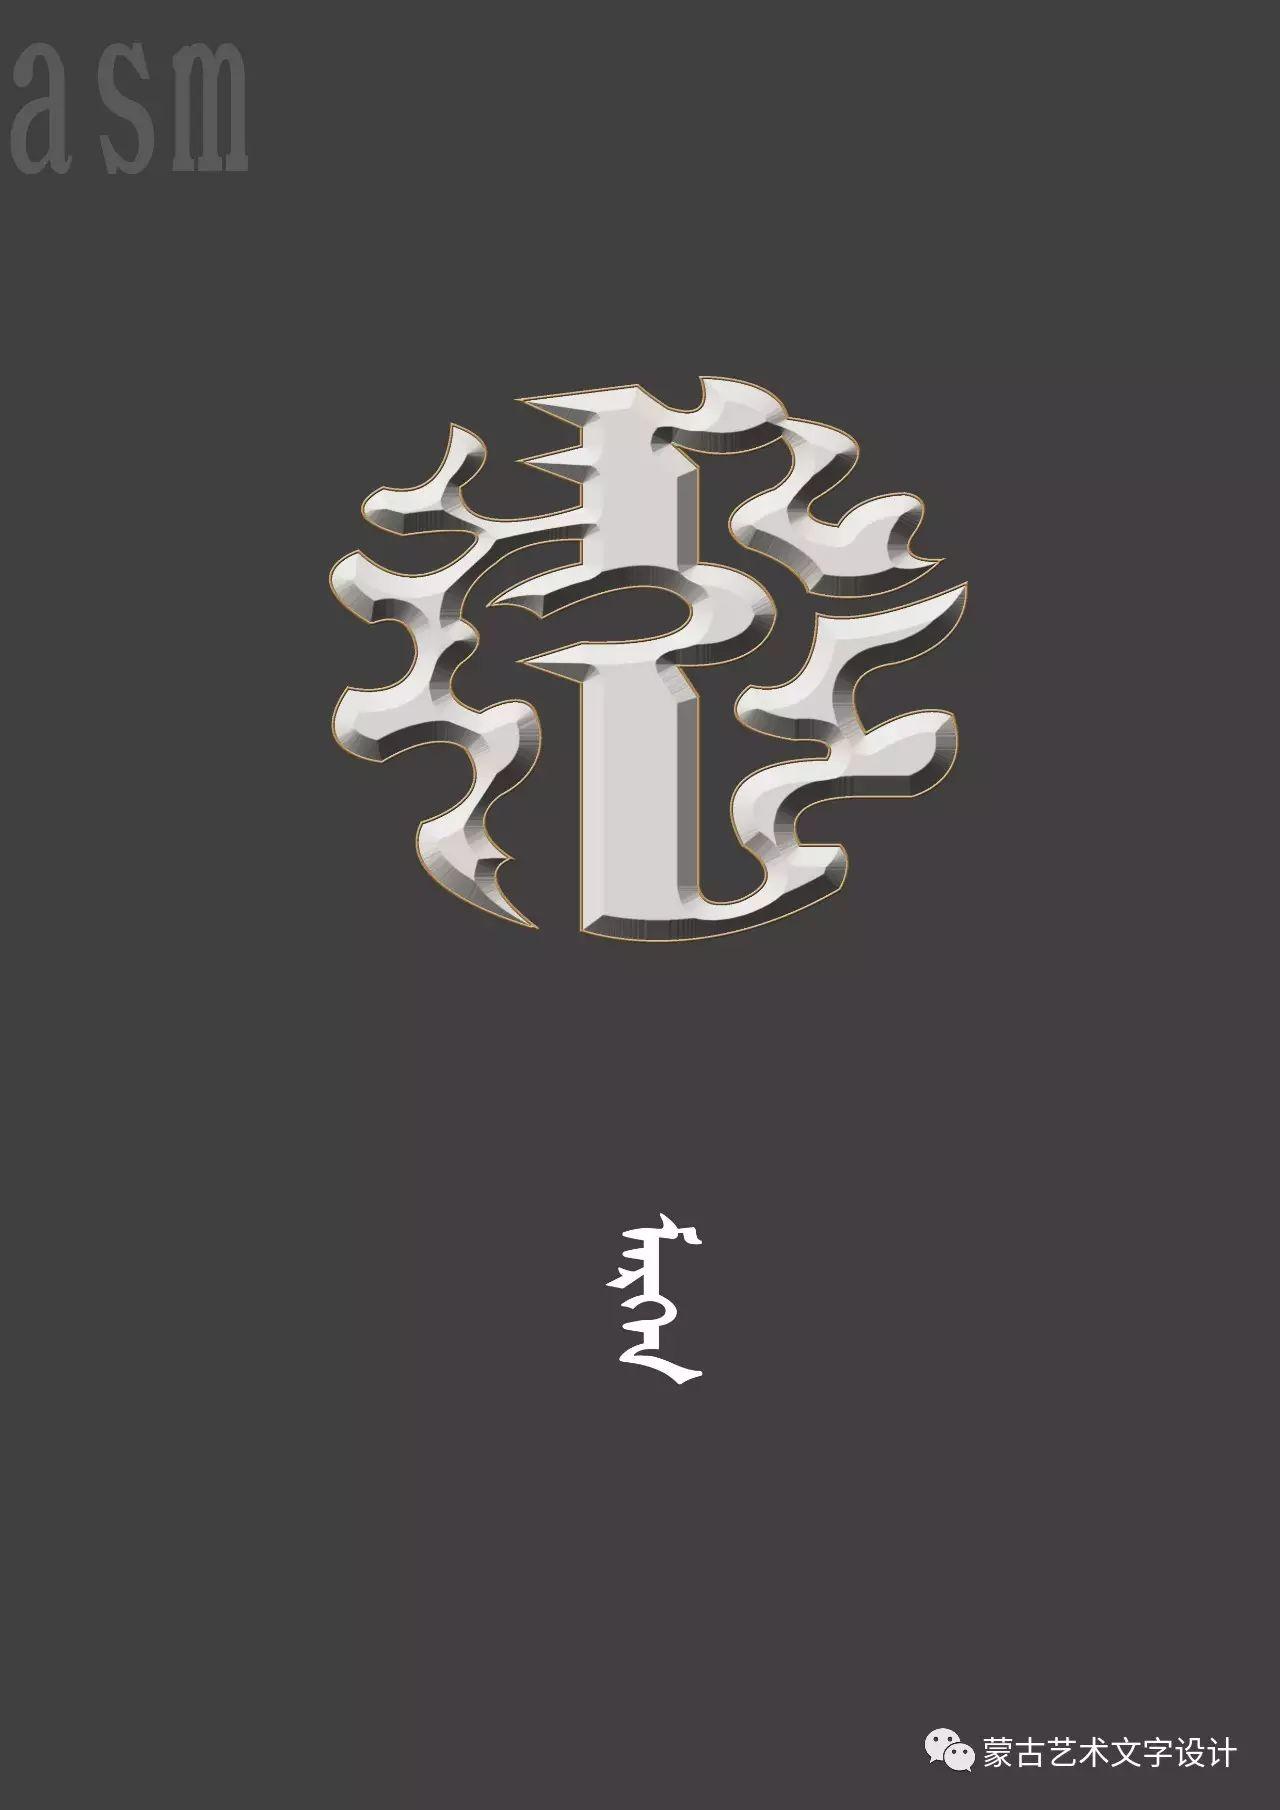 蒙古艺术文字设计 第56张